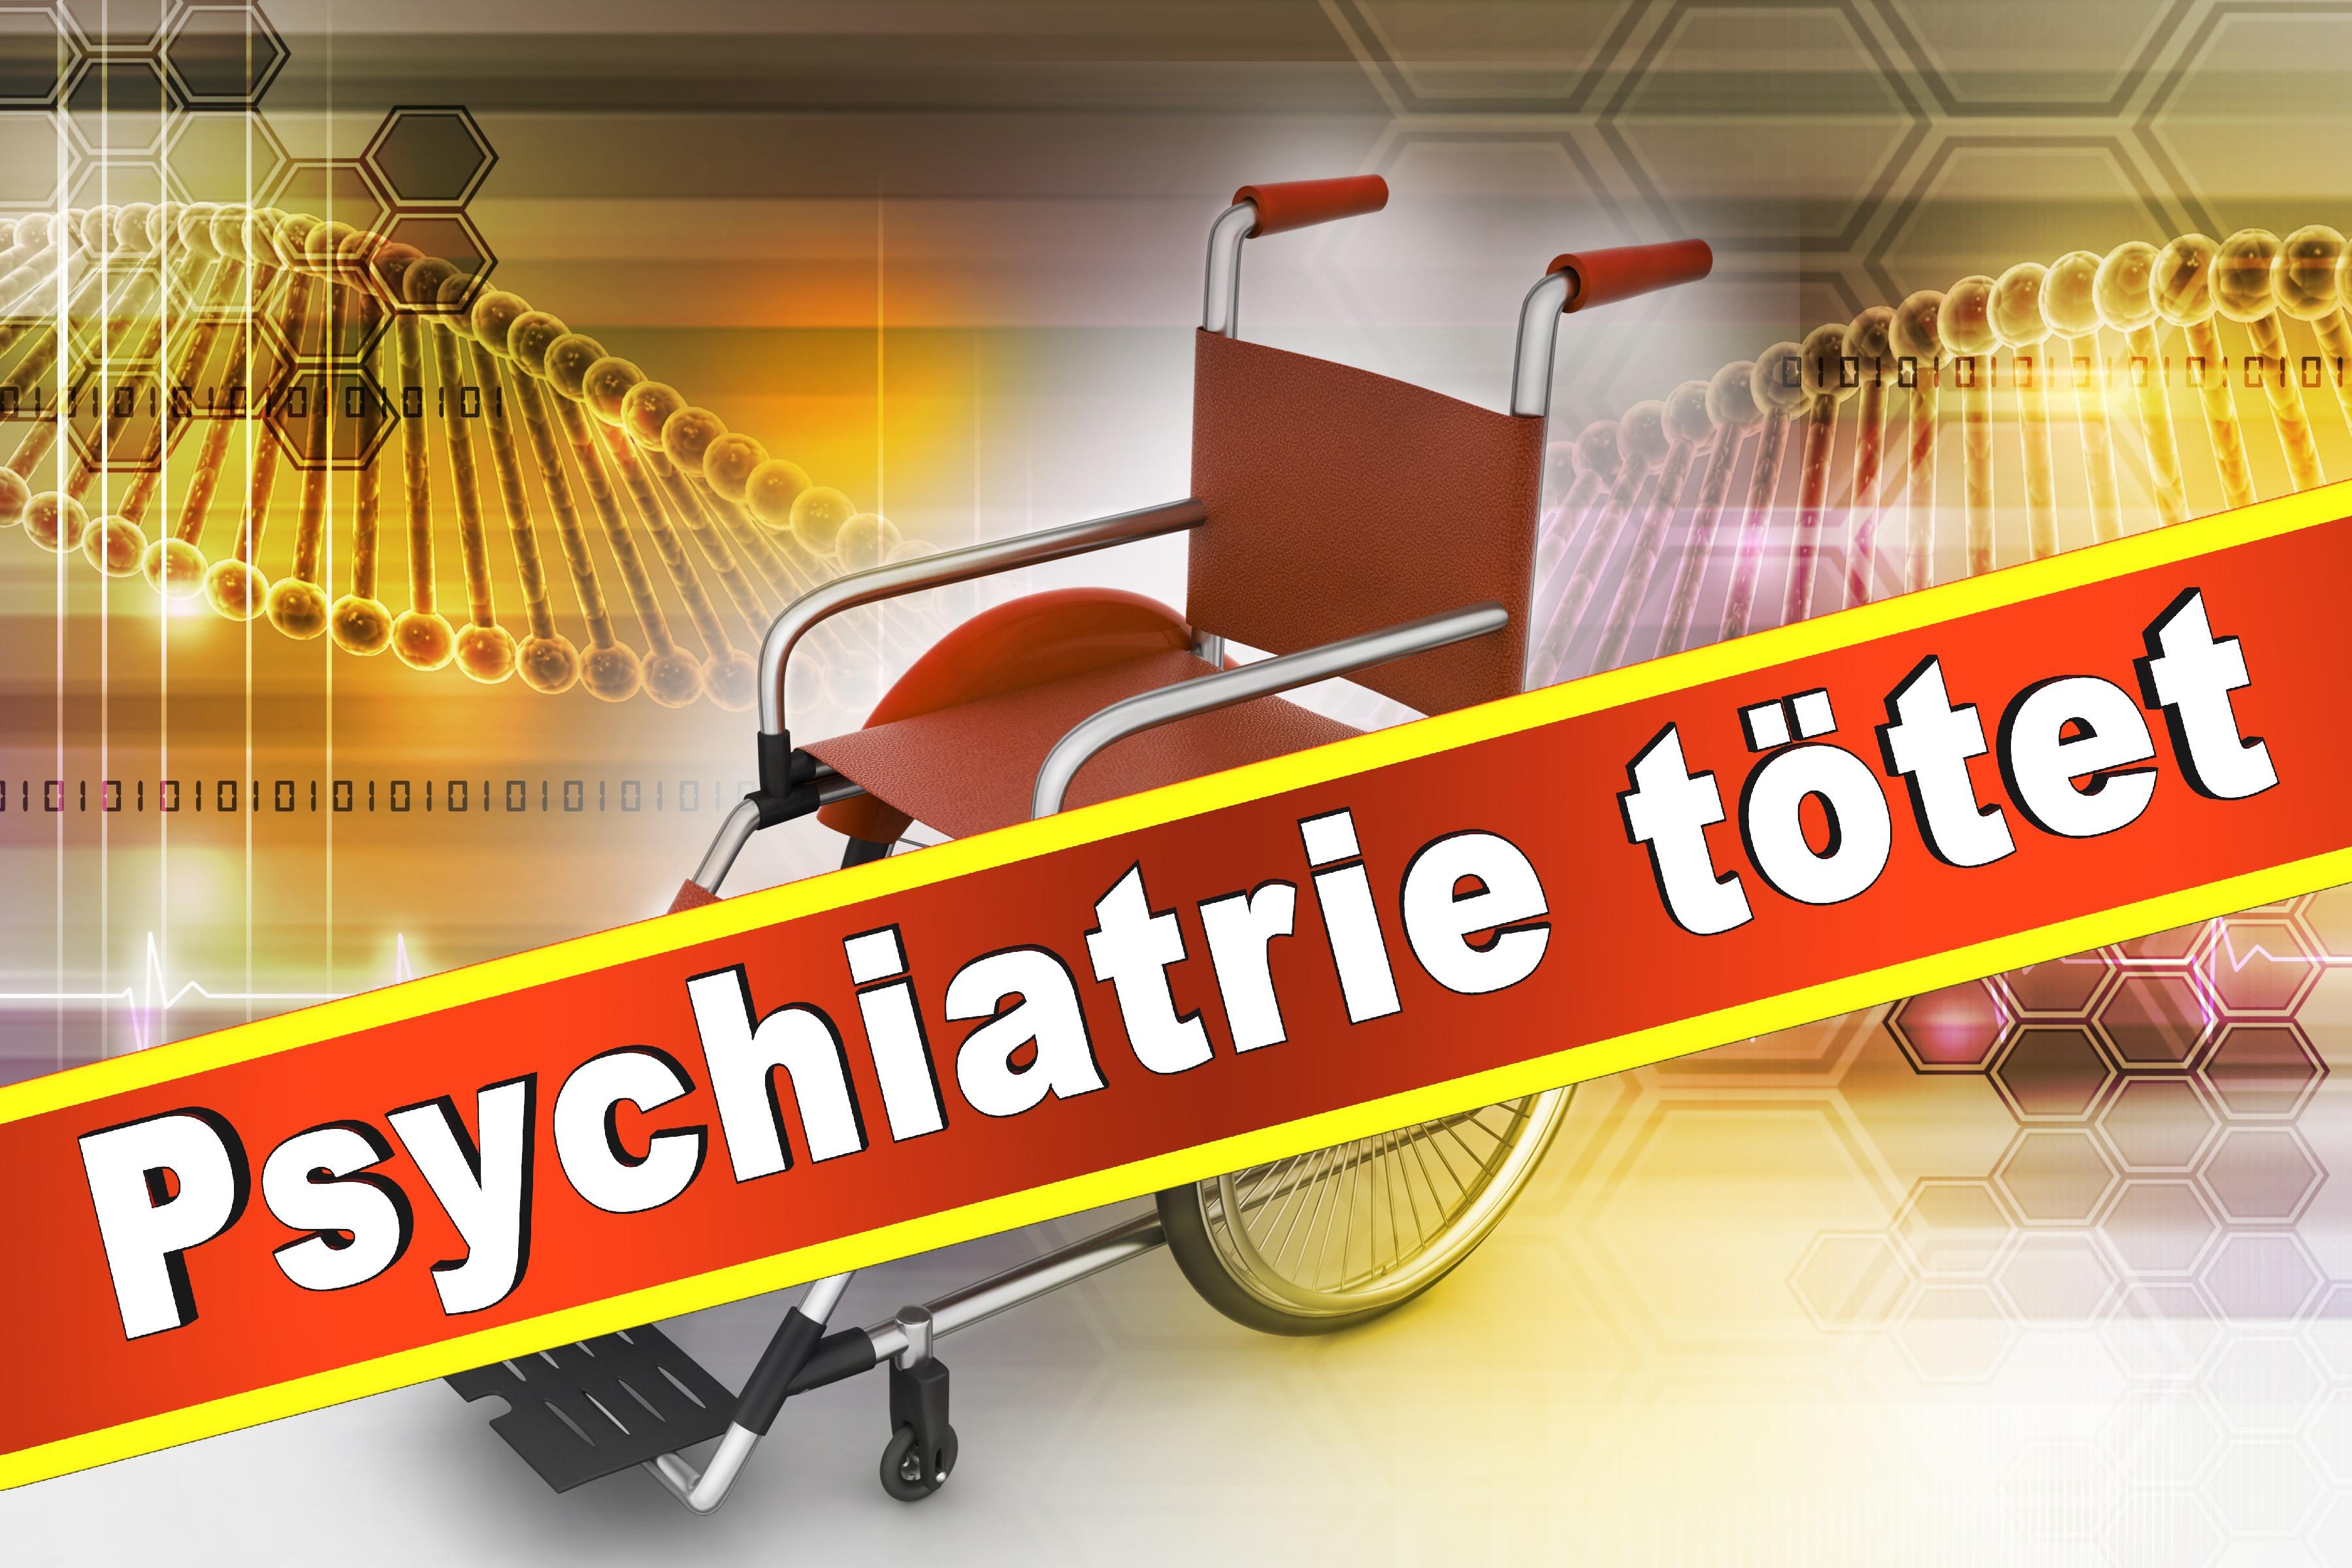 Wielant Machleidt Psychiater Psychotherapeut Professor Praxis Der Interkulturellen Psychiatrie Und Psychotherapie